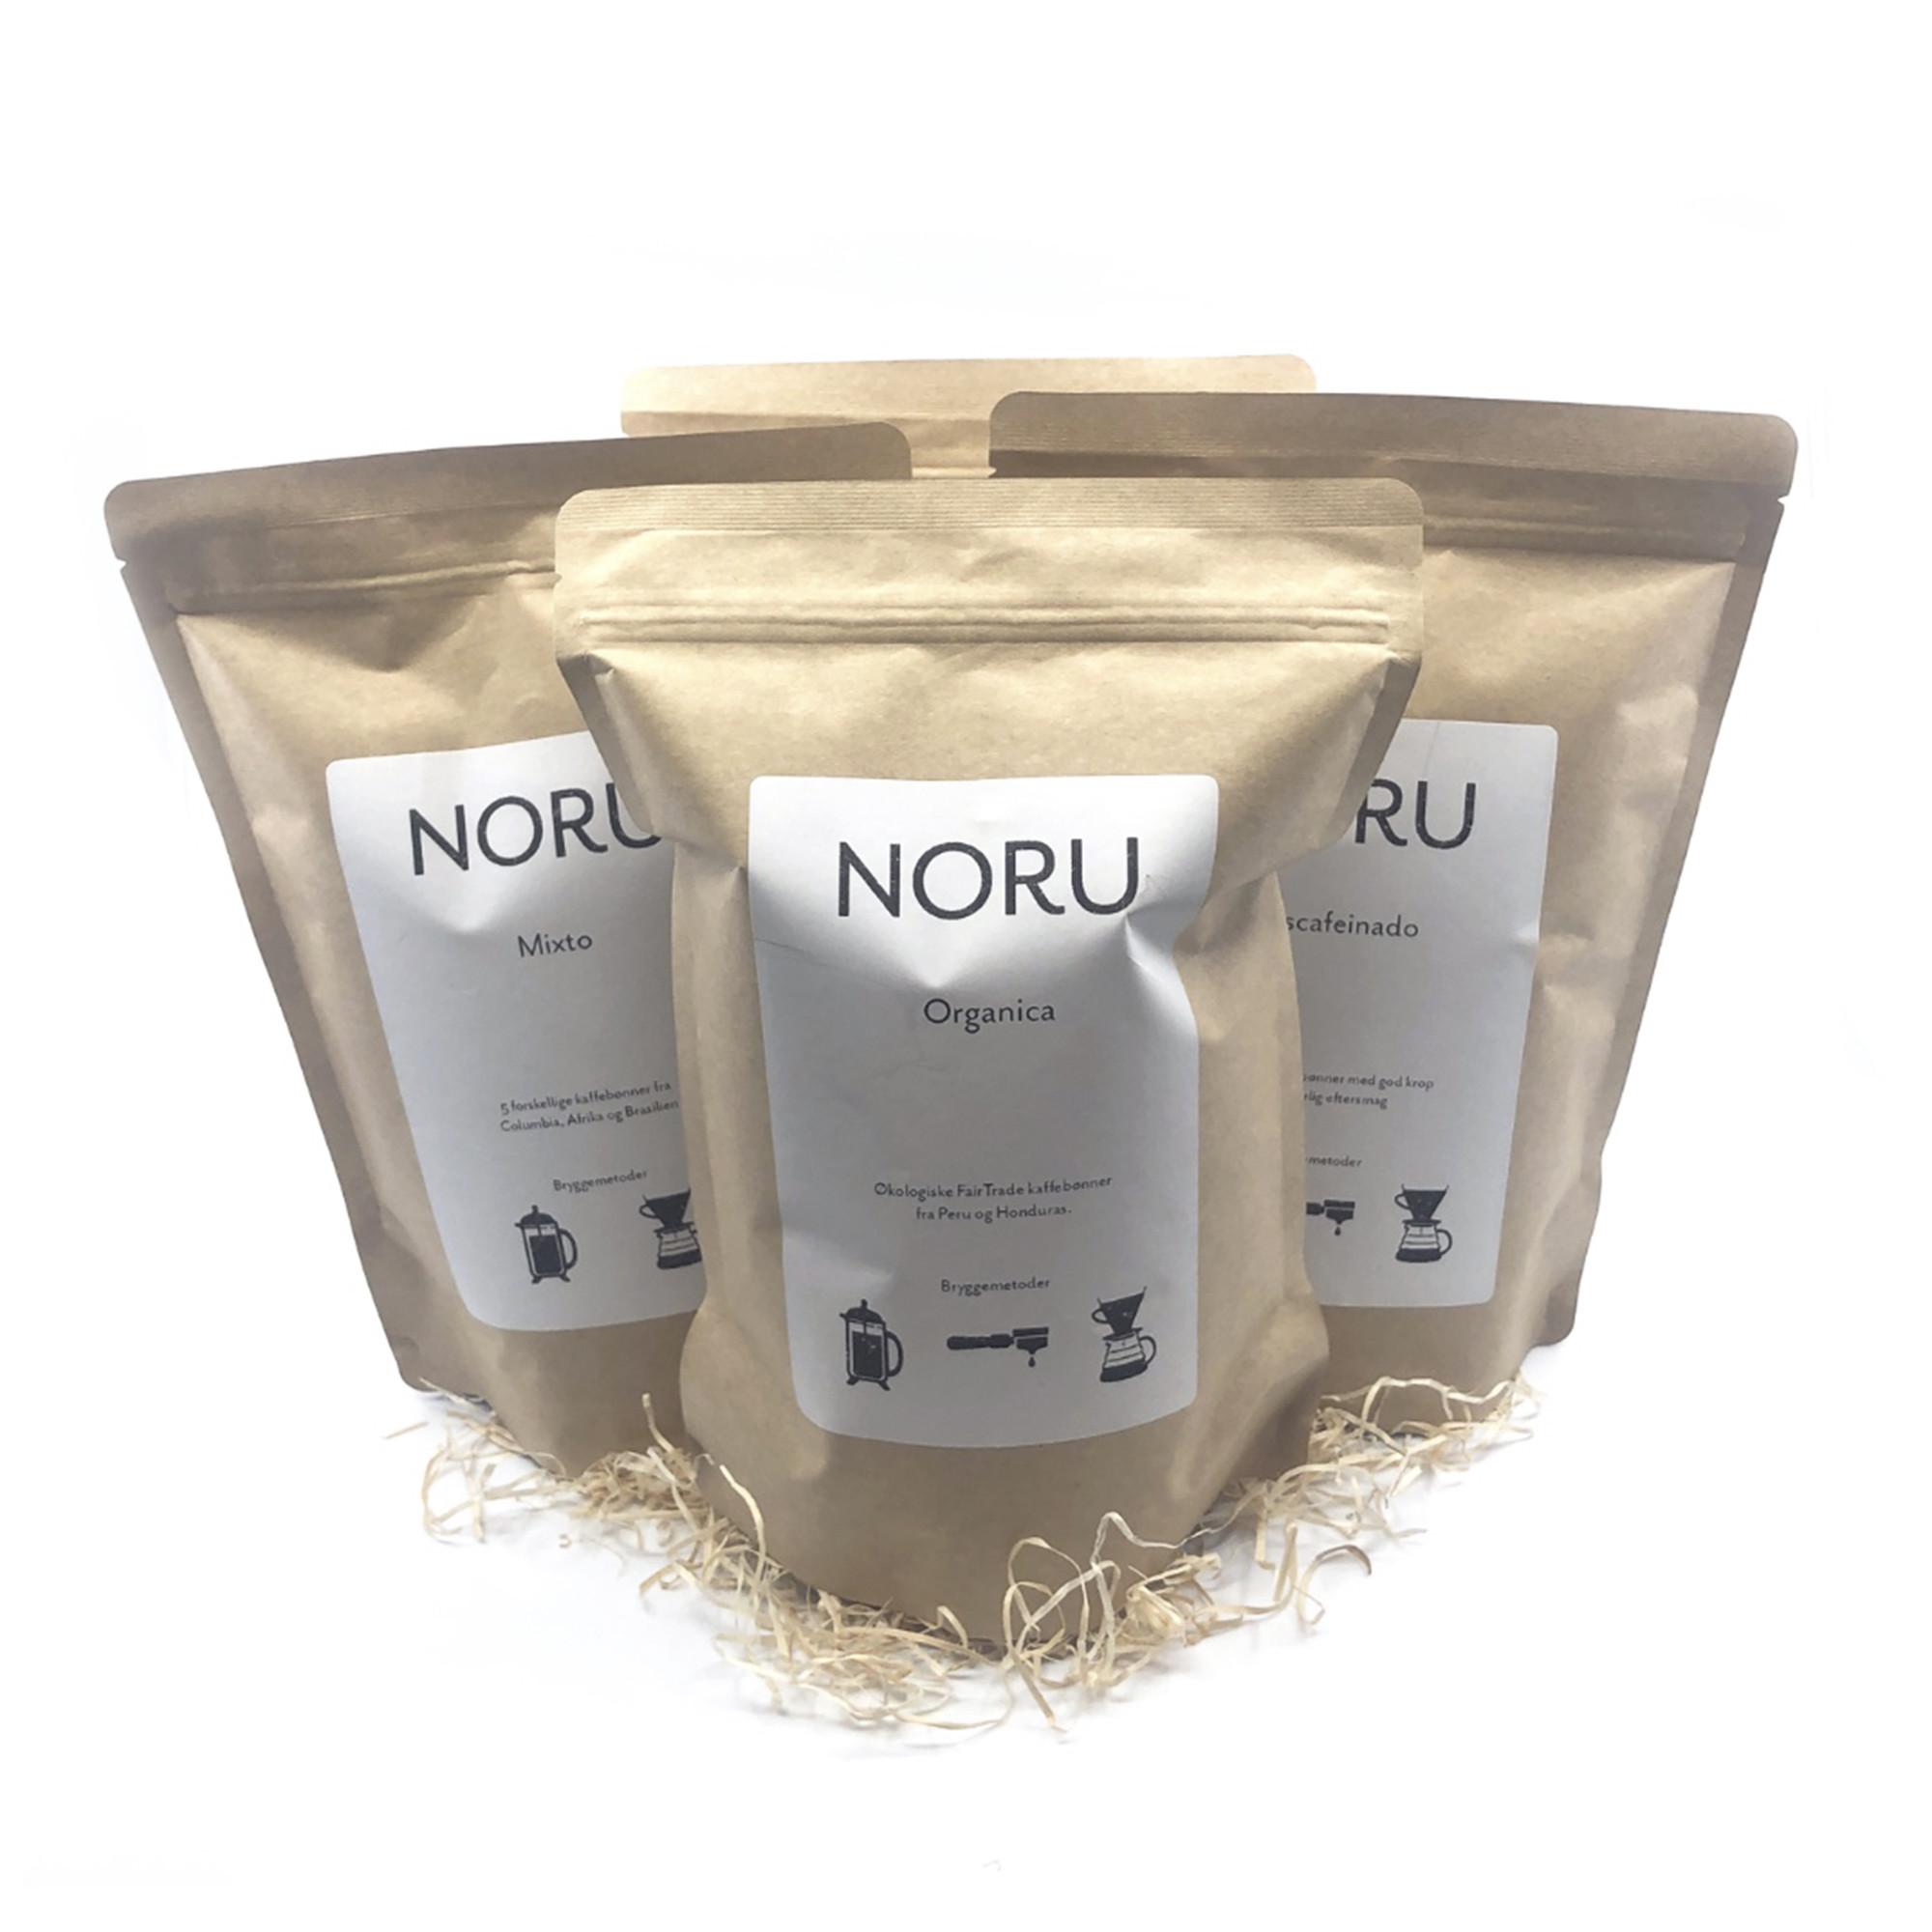 NORU kaffebønner fra NORU